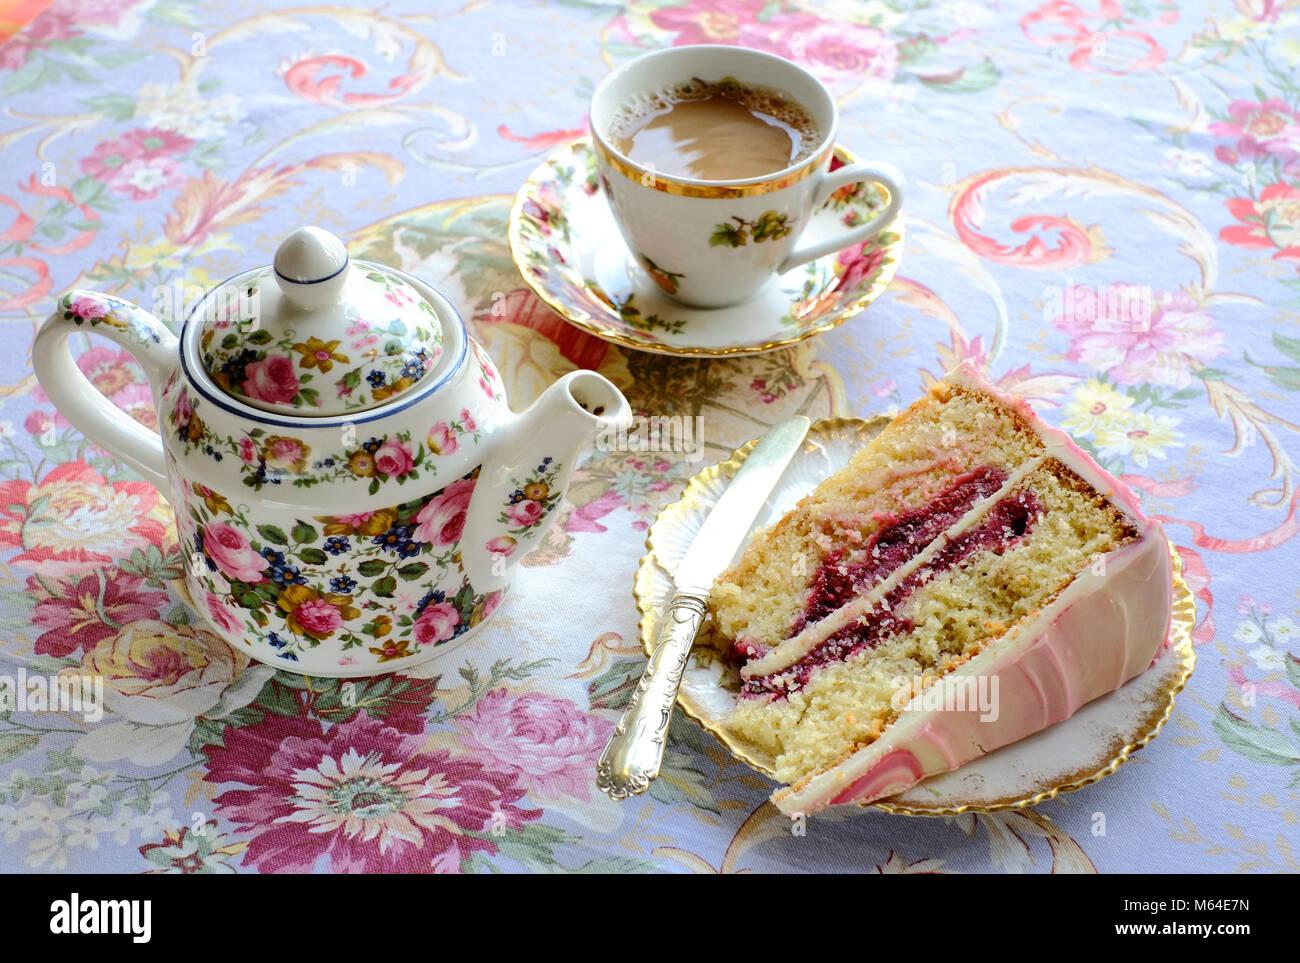 Le thé de l'après-midi au Café Céleste-chocolatier, Llandeilo, Carmarthenshire, Pays de Photo Stock